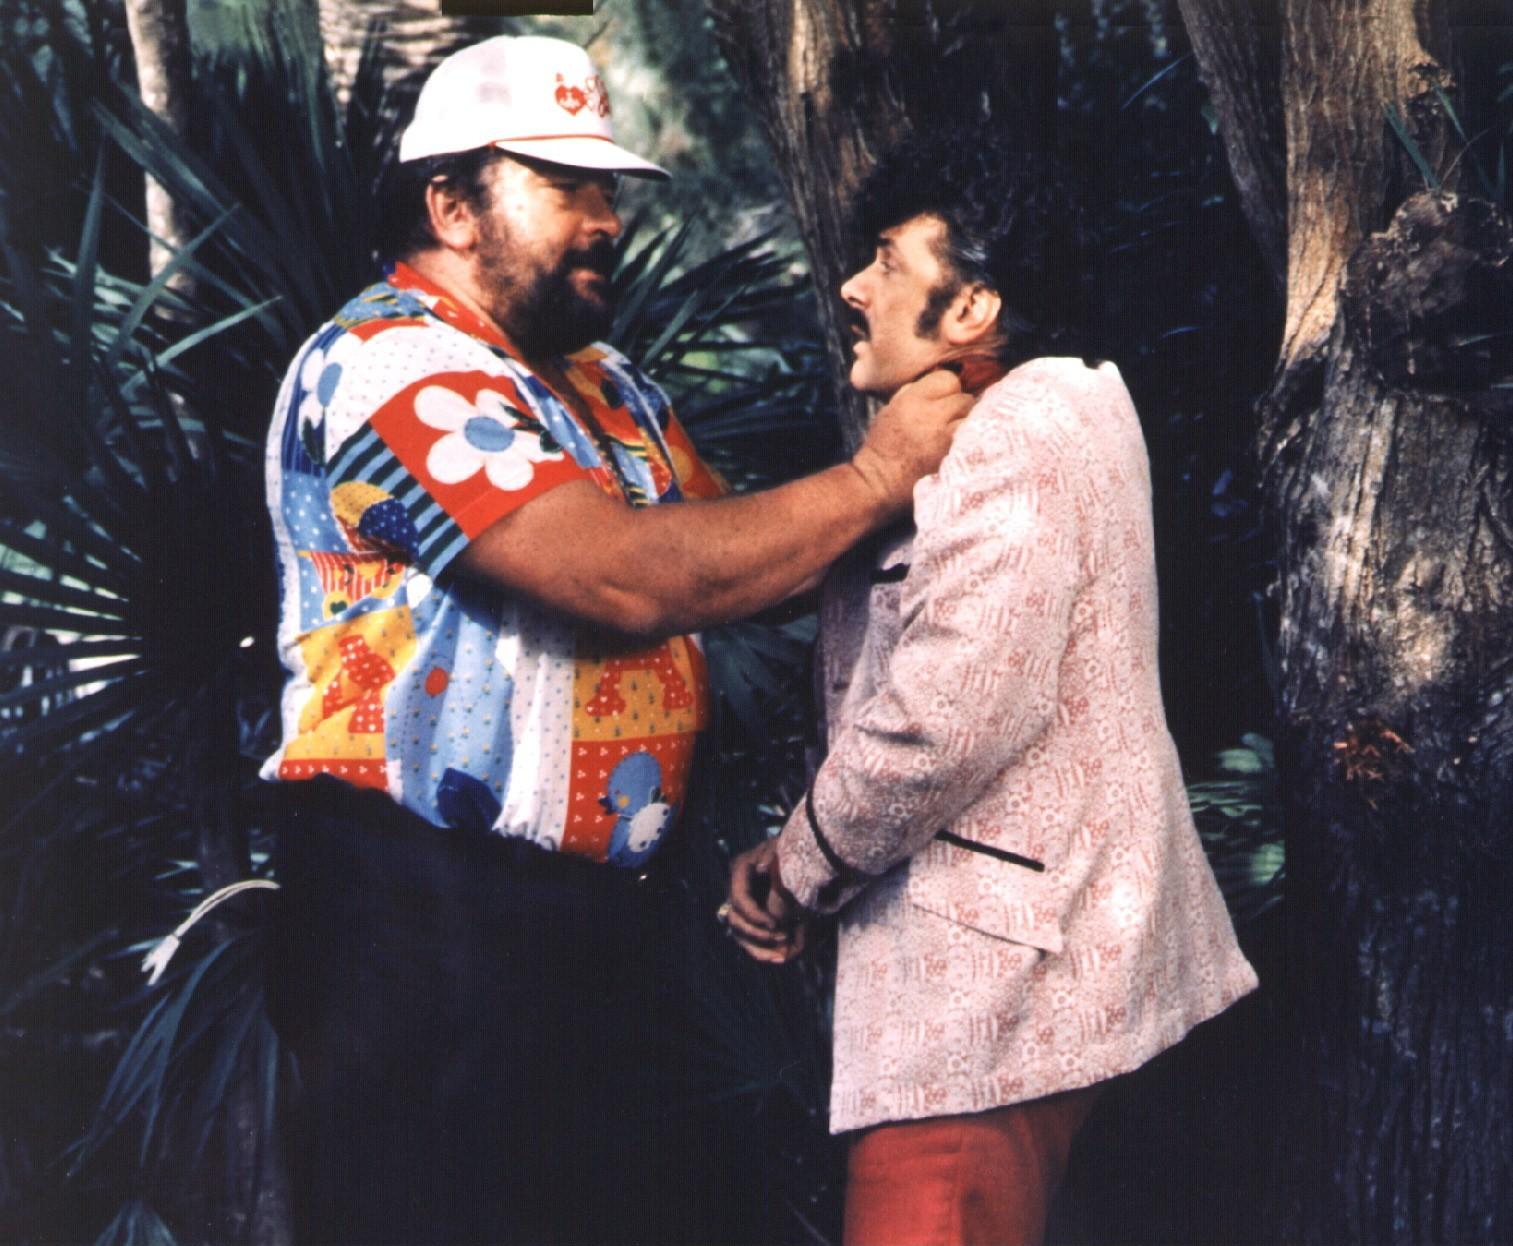 Bud, der Ganovenschreck (Cane e gatto, IT/USA 1982, Regie: Bruno Corbucci) Bud Spencer, Tomas Milian / dicker Mann packt schm